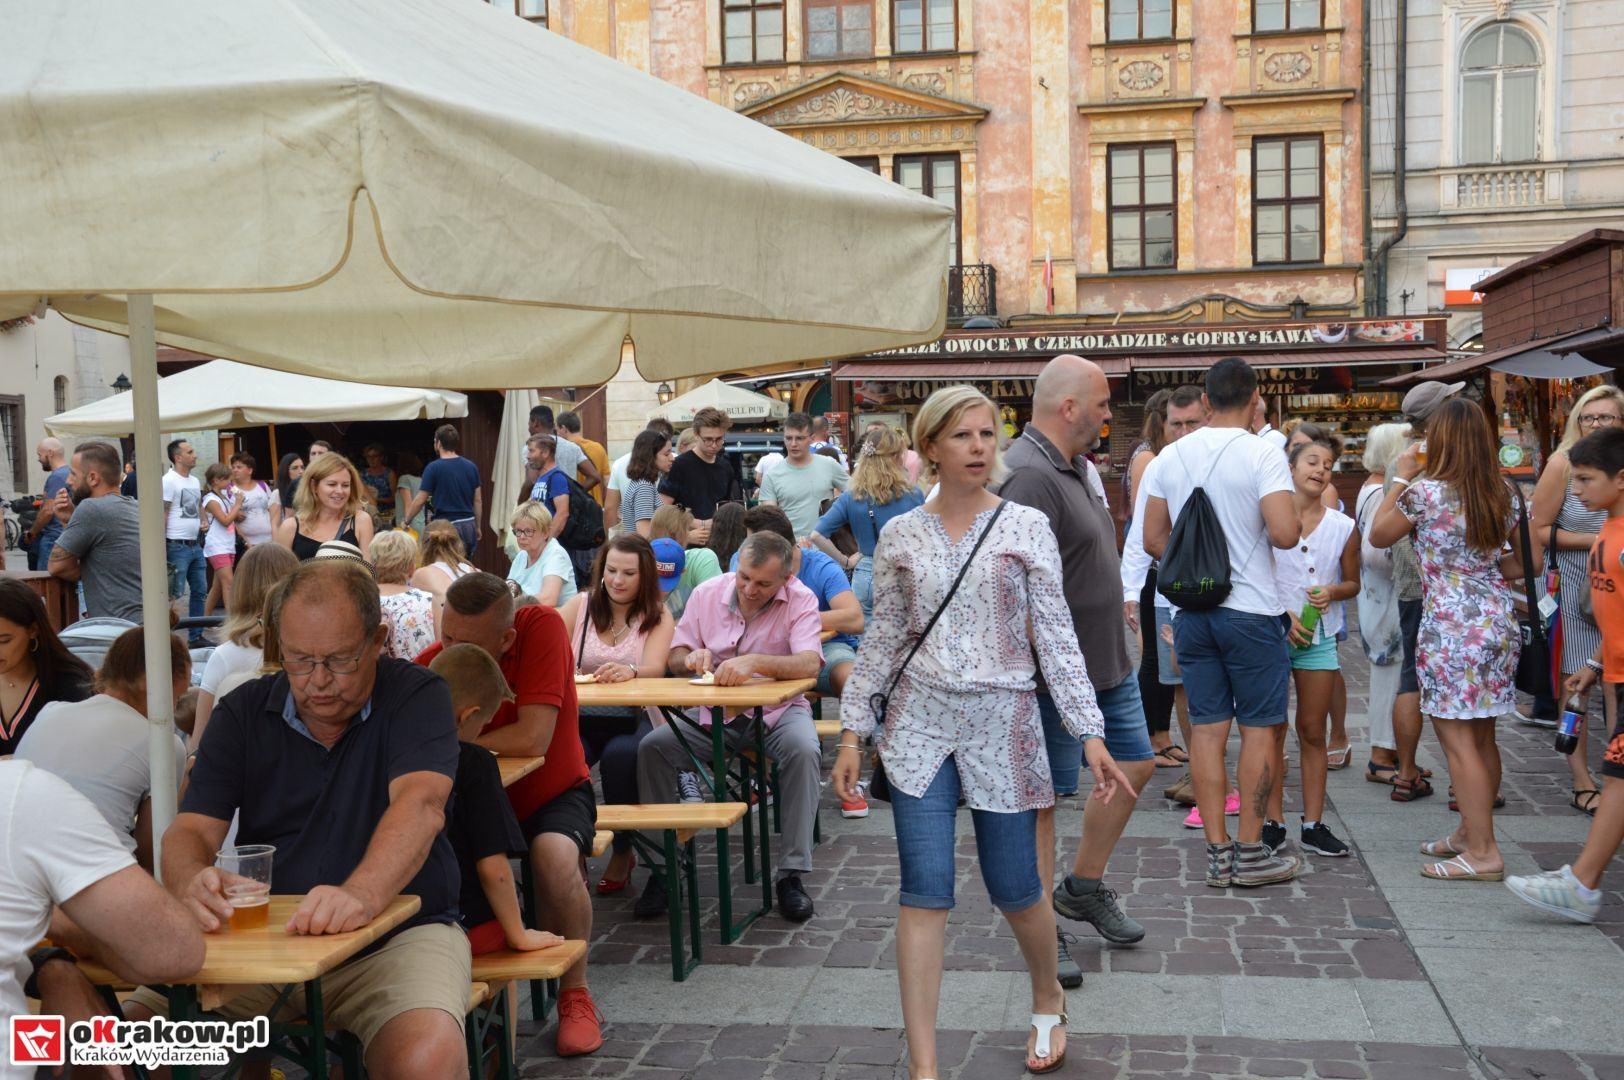 krakow festiwal pierogow maly rynek koncert cheap tobacco 78 150x150 - Galeria zdjęć Festiwal Pierogów Kraków 2018 + zdjęcia z koncertu Cheap Tobacco